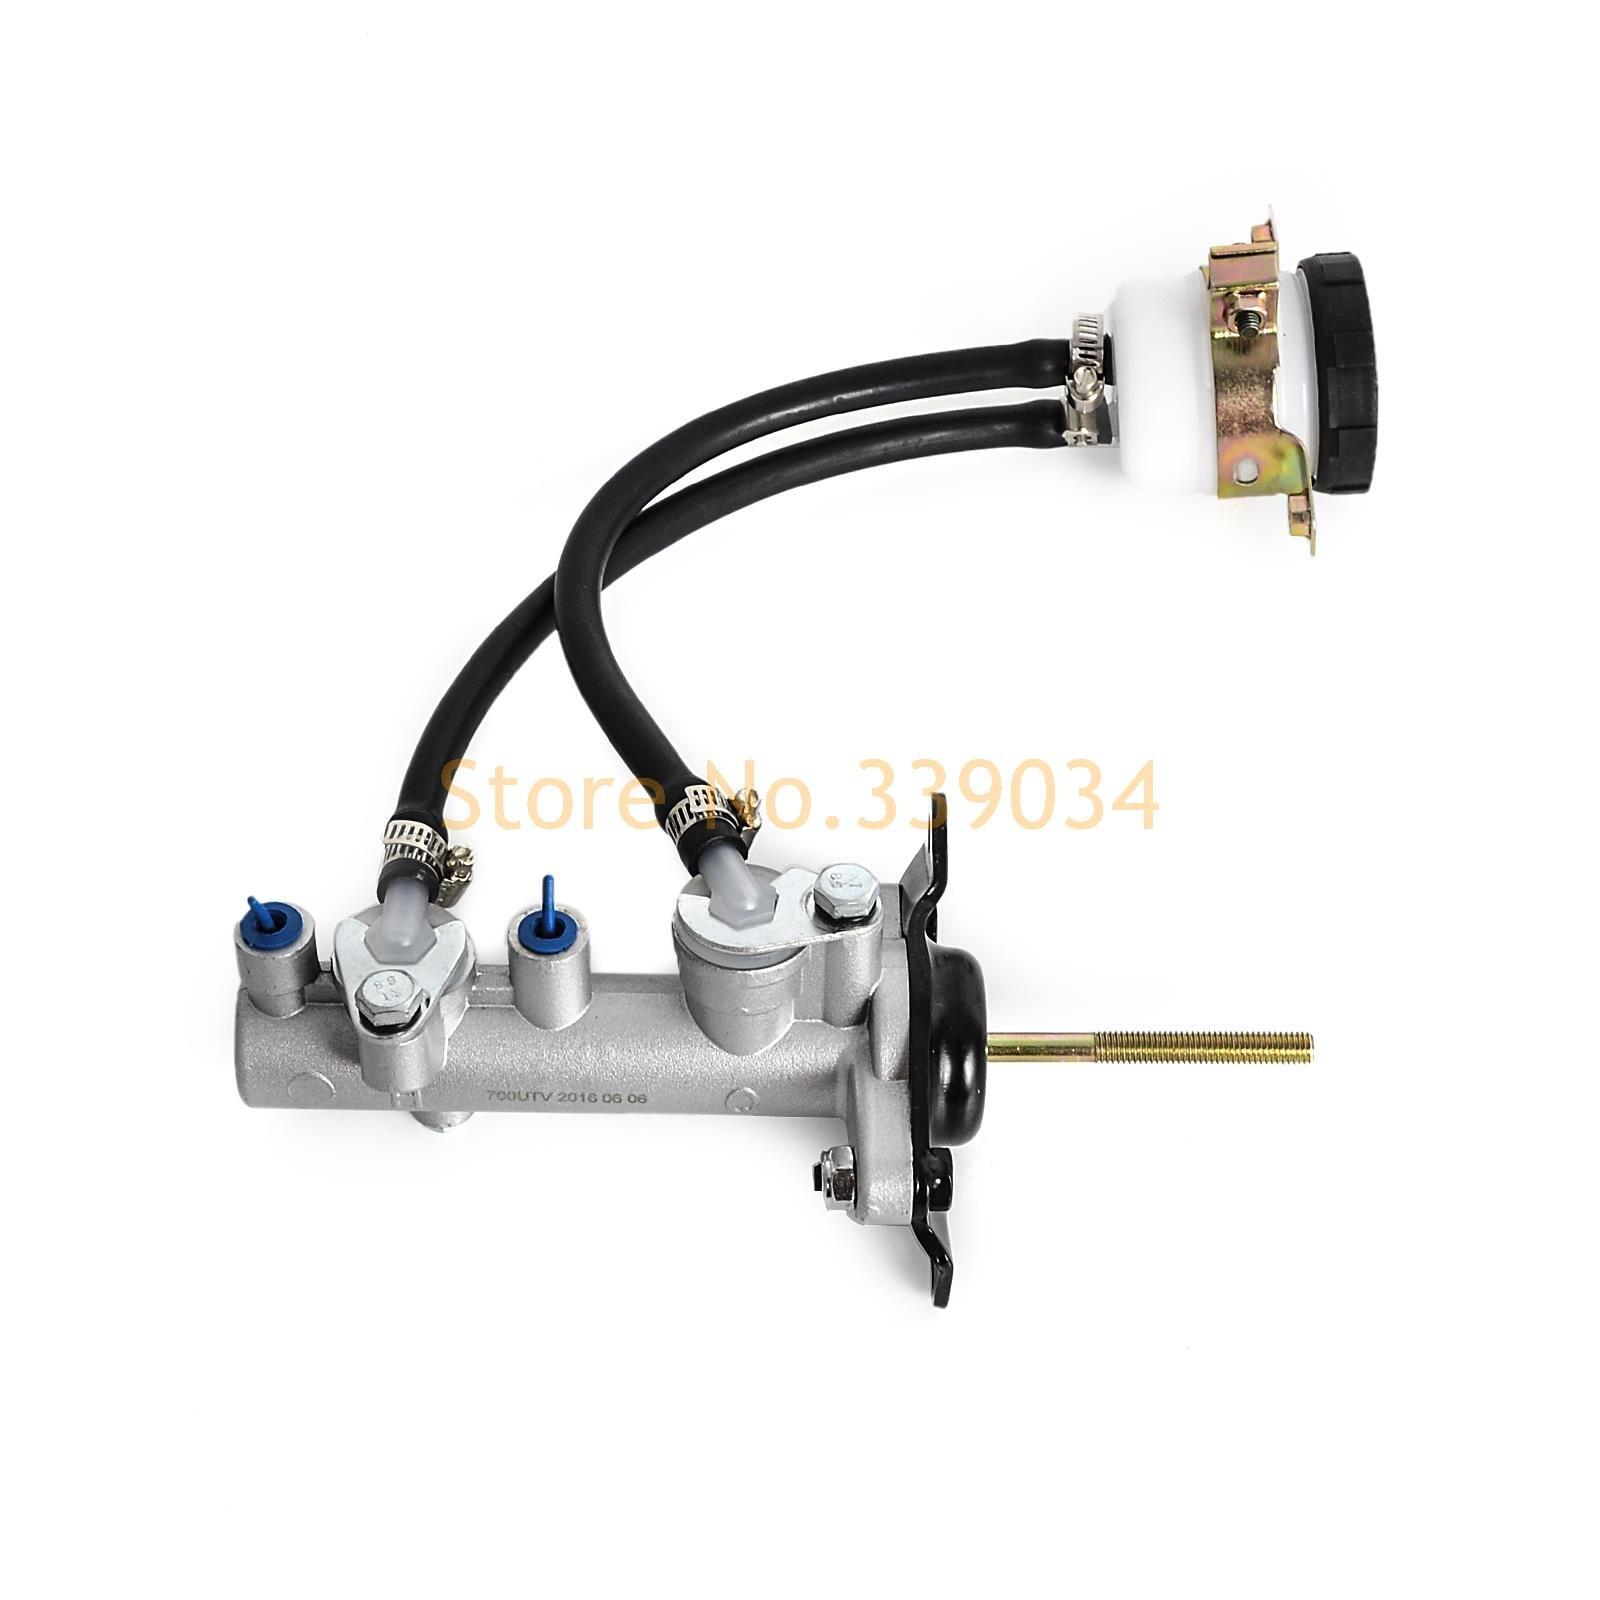 Maître-cylindre, pompe de frein pour MSU800 UTV 700 UTV500 HiSun Massimo, MSU 400, UTV 800 MASSIMO SUPERMACH Bennche gros boueux